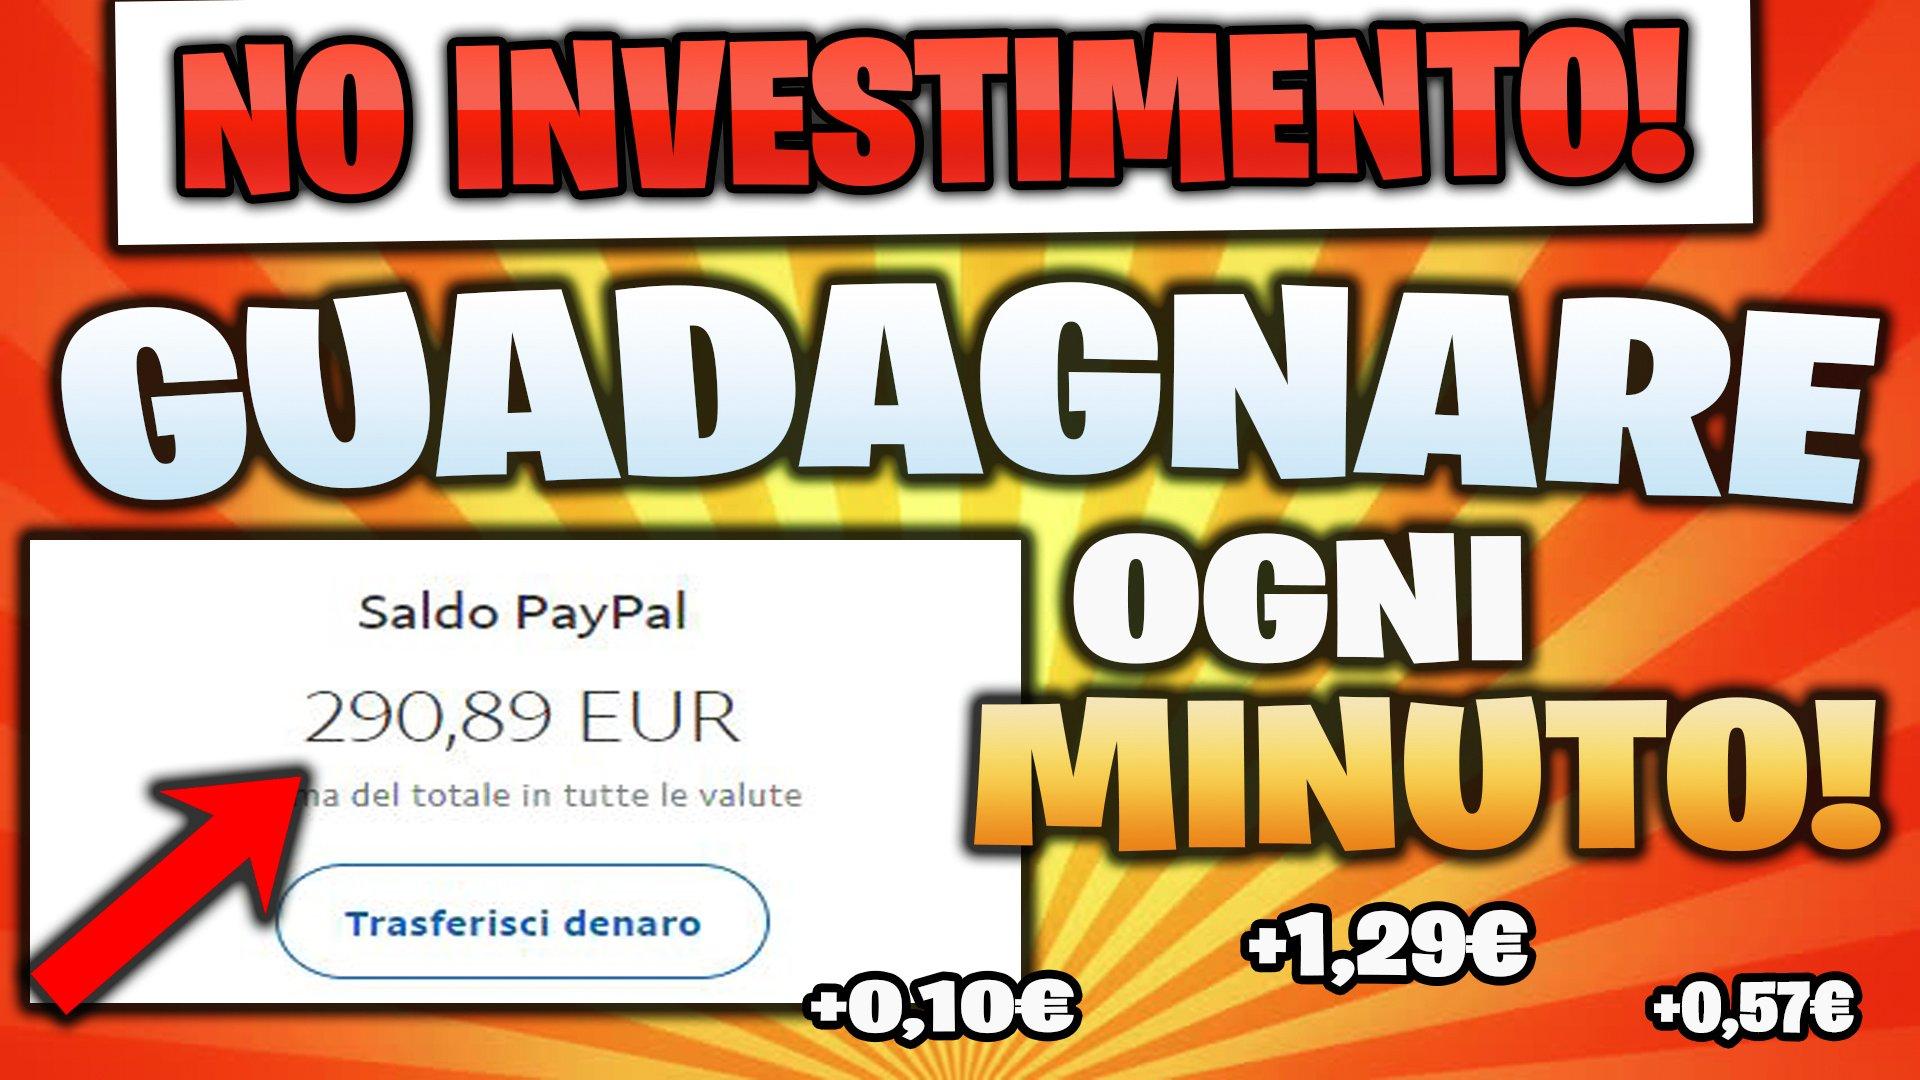 GUADAGNARE 1,29€ OGNI MINUTO!